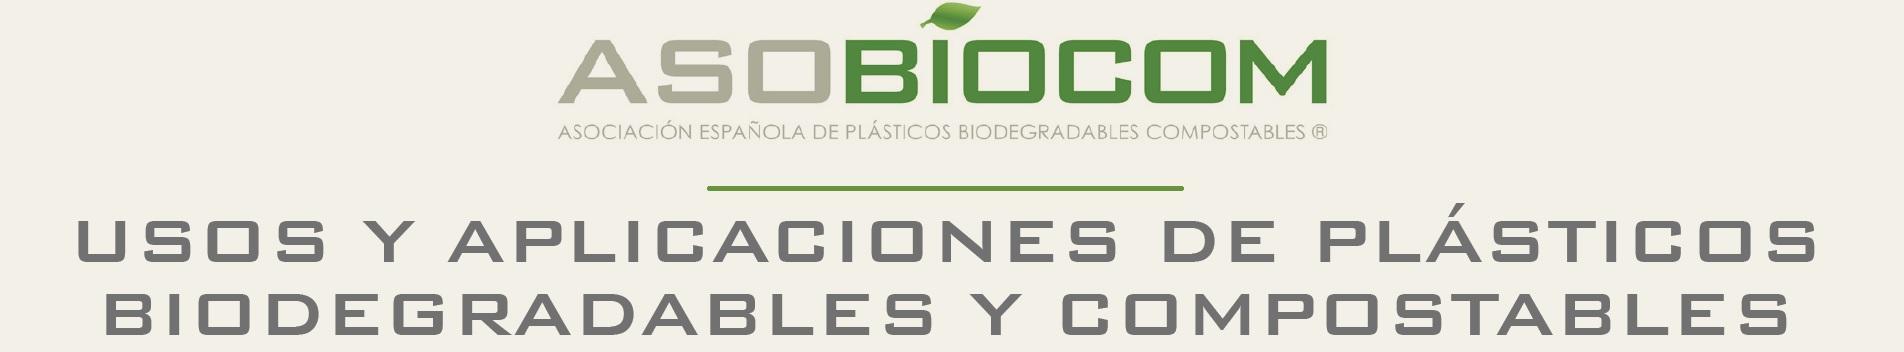 ASOBIOCOM elabora un documento con las aplicaciones BioCom